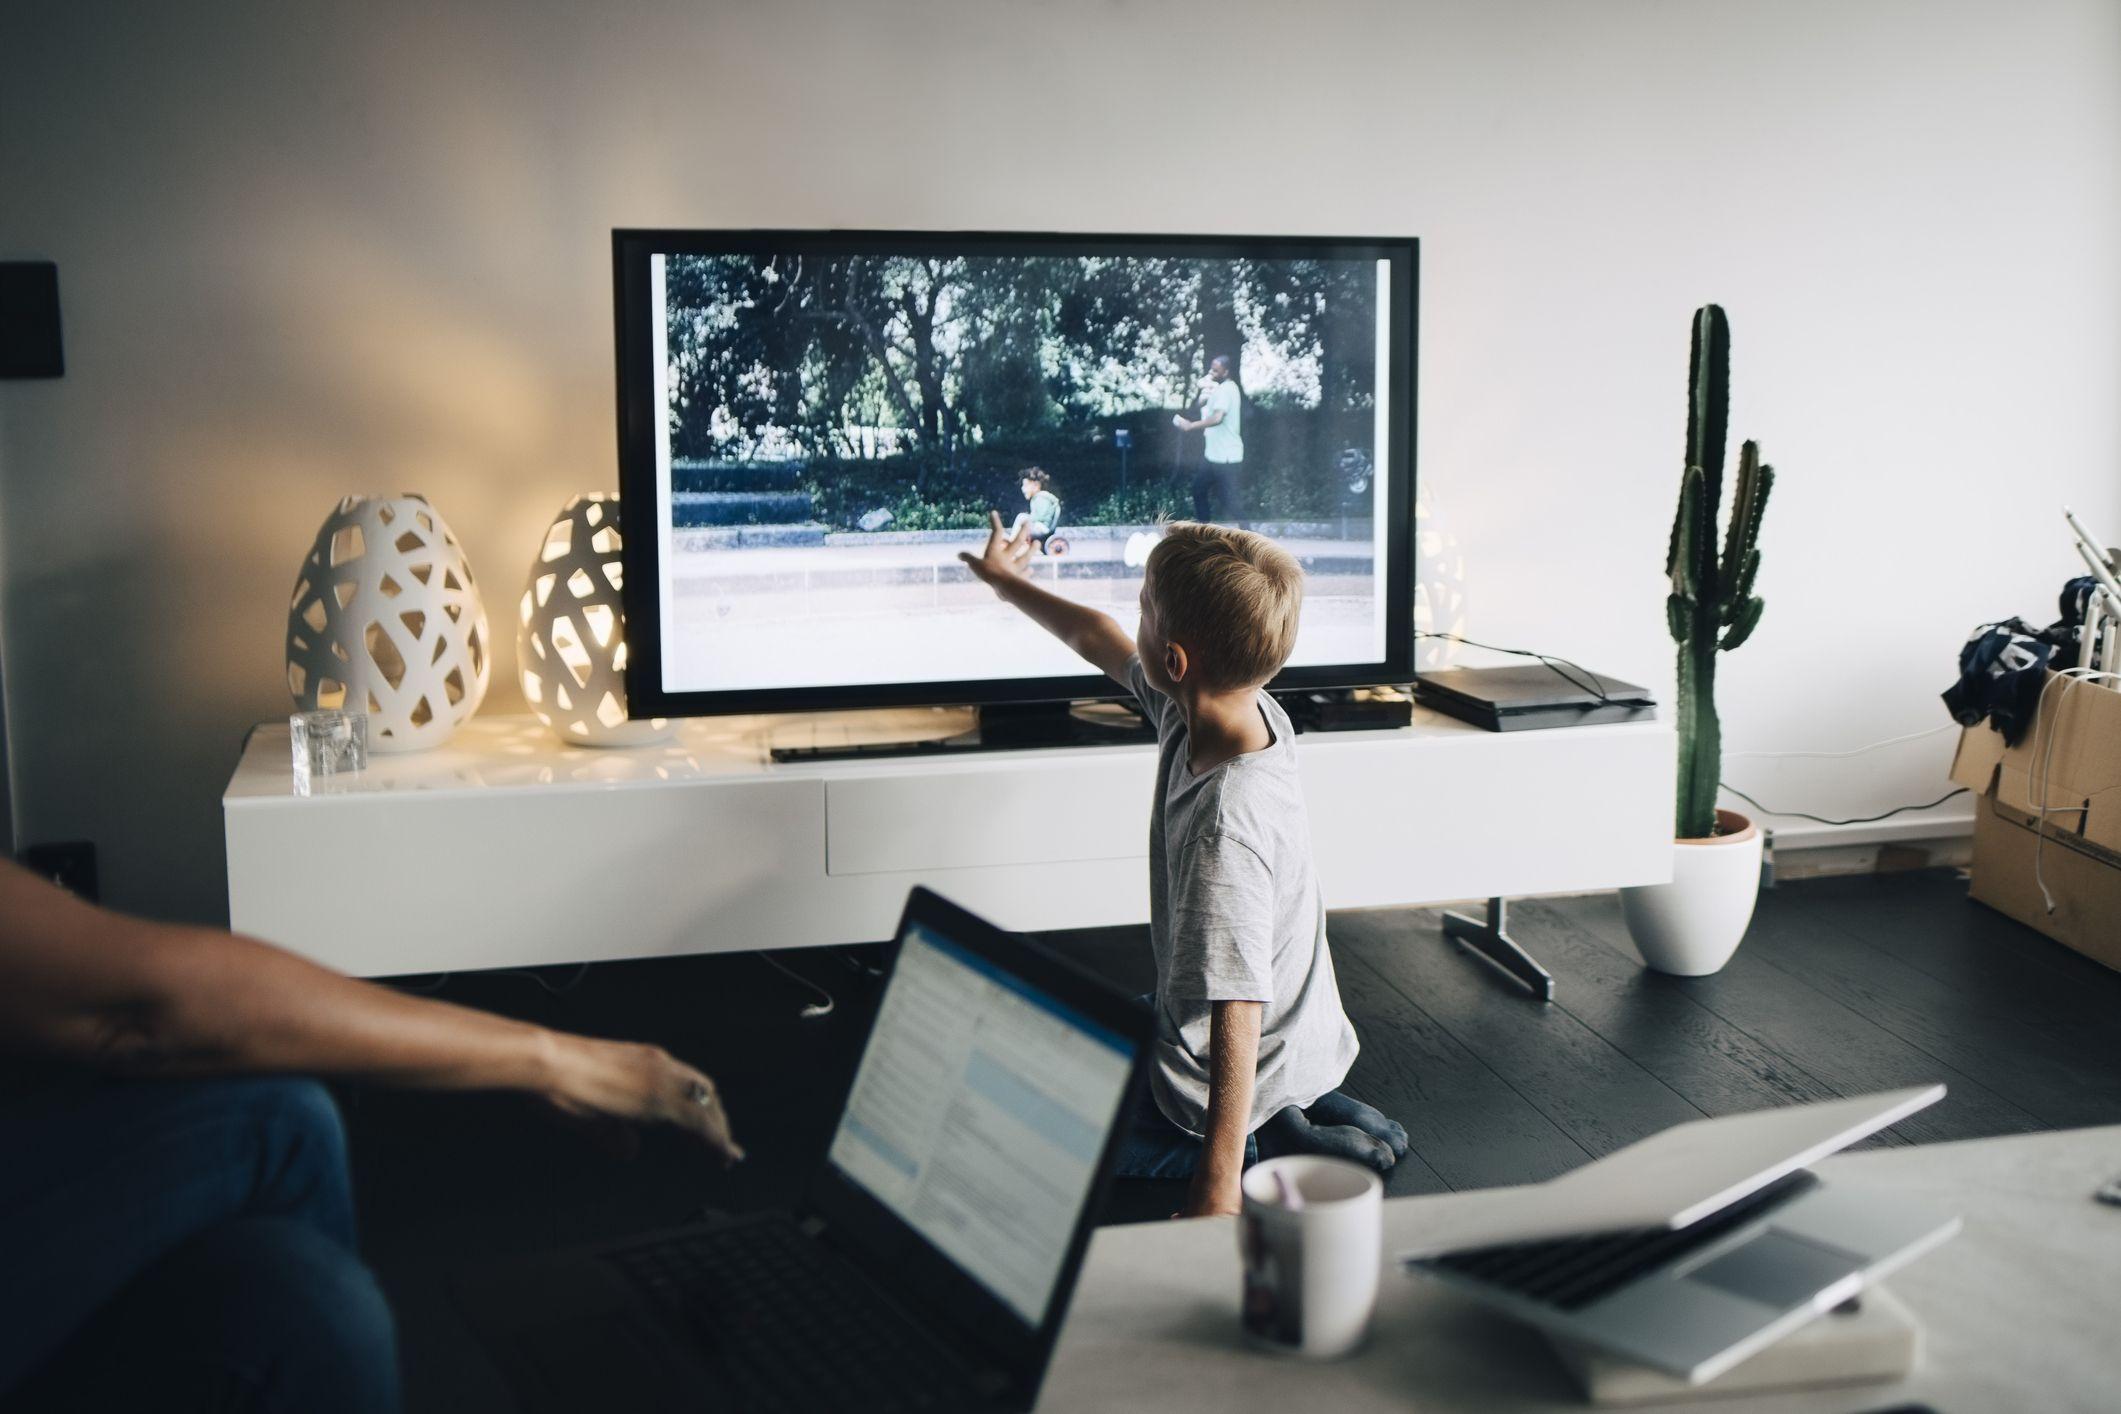 40+ Tv an die wand haengen 2021 ideen